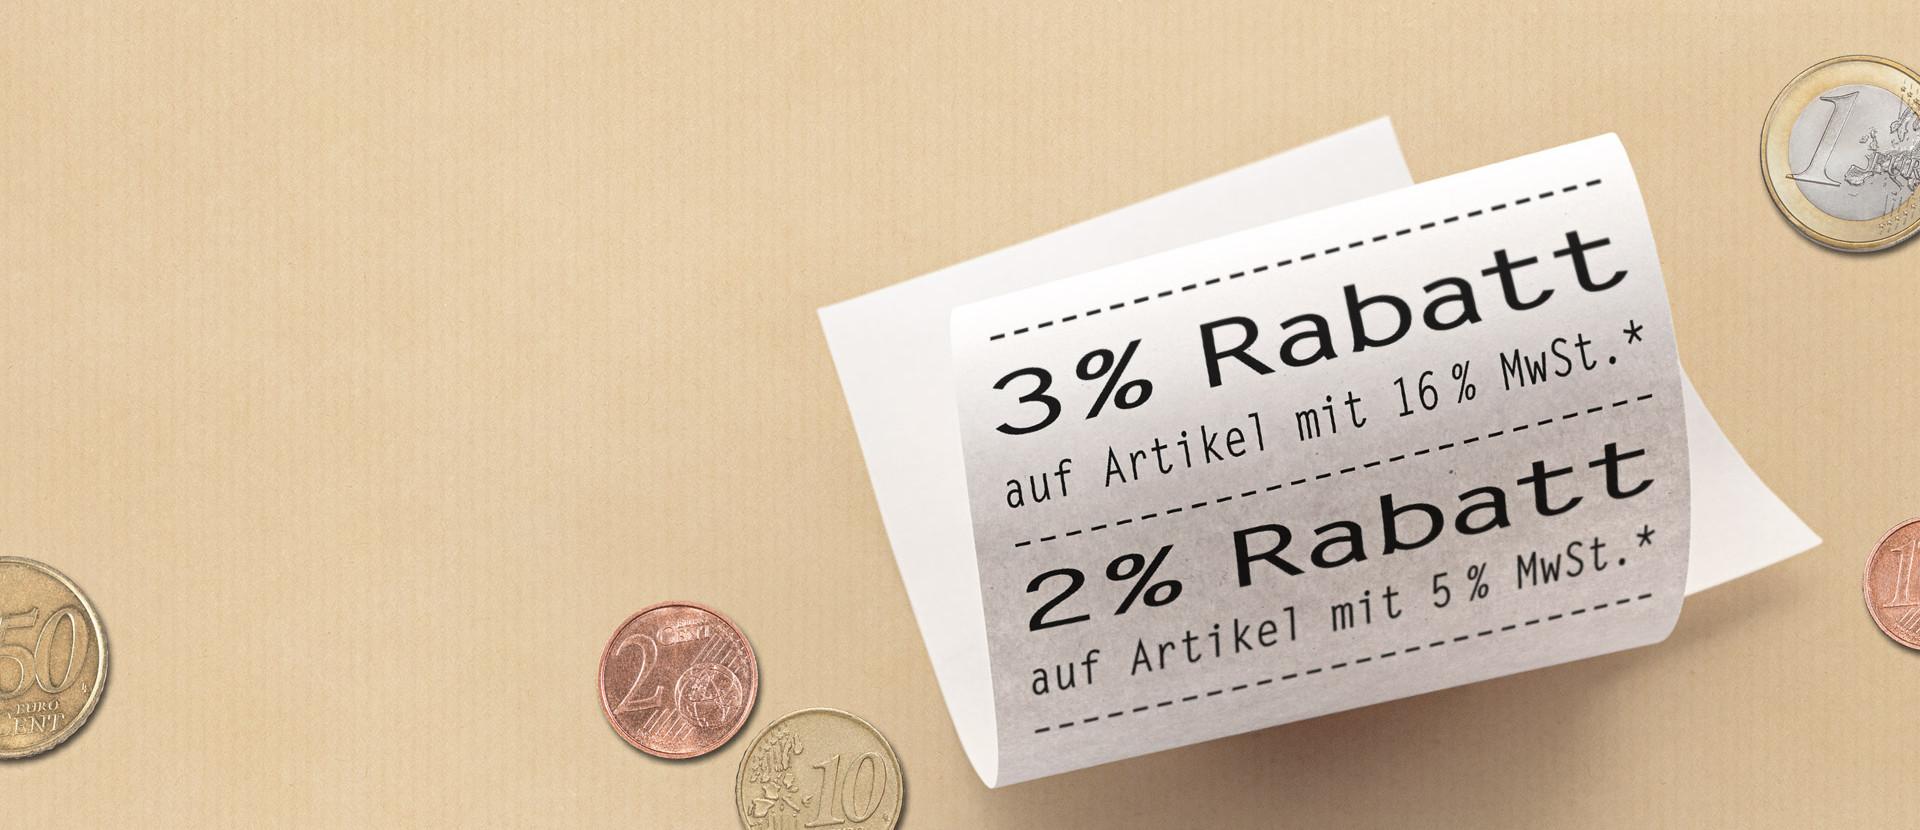 Euro Geldstücke und Kassenbon mit Rabattbetrag